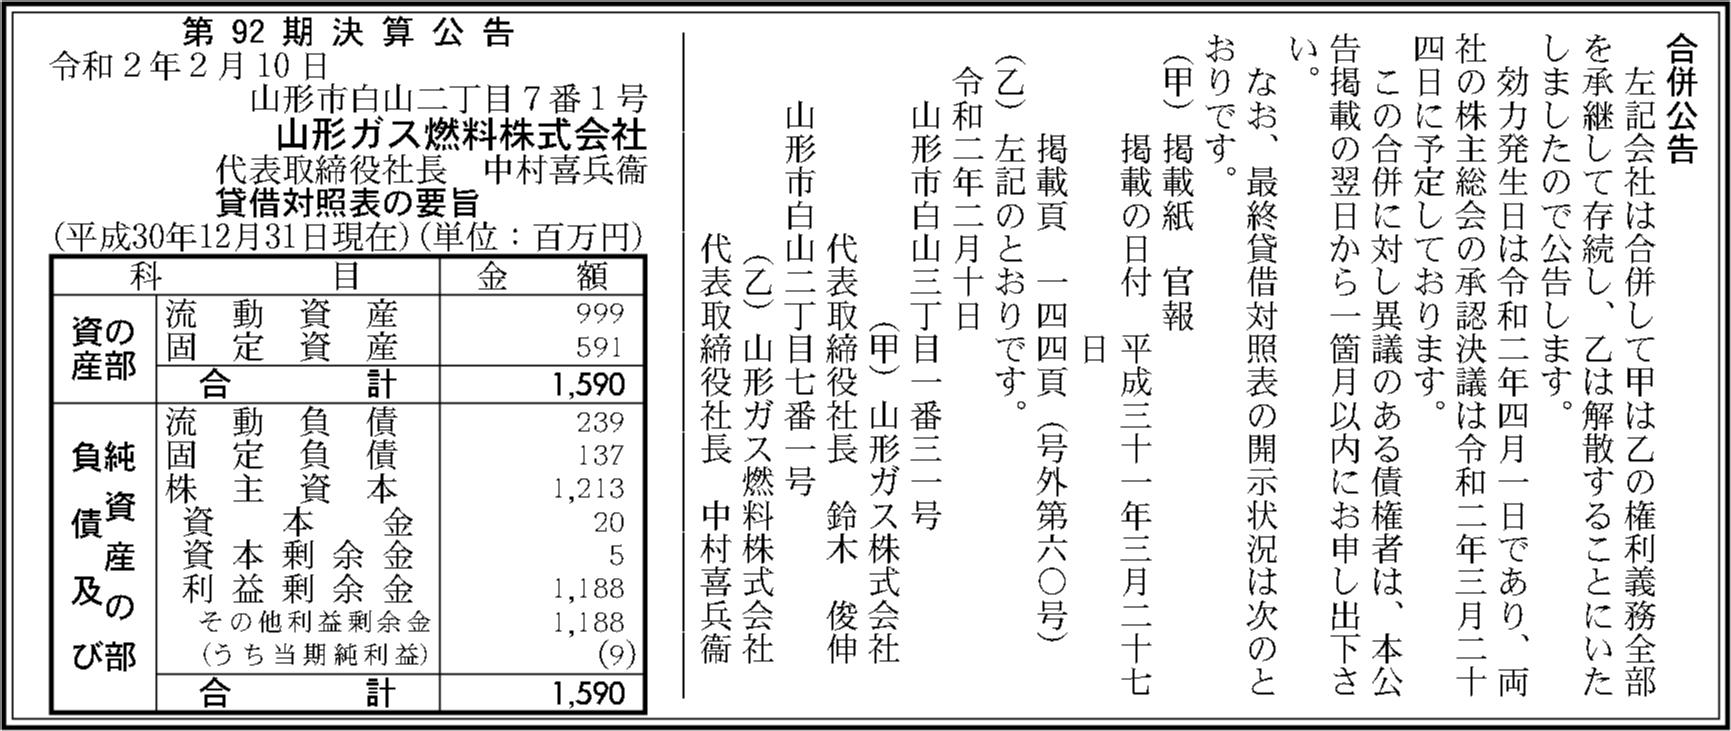 0058 4b98782e9acff48e73d7c51058e0e8bc0f6ee4bd096b4fbe6a2d1d65d13ef6849ab428893f5995386e7559b91fed3ded4bcd17167c4758312d7267ed2964a7c0 03